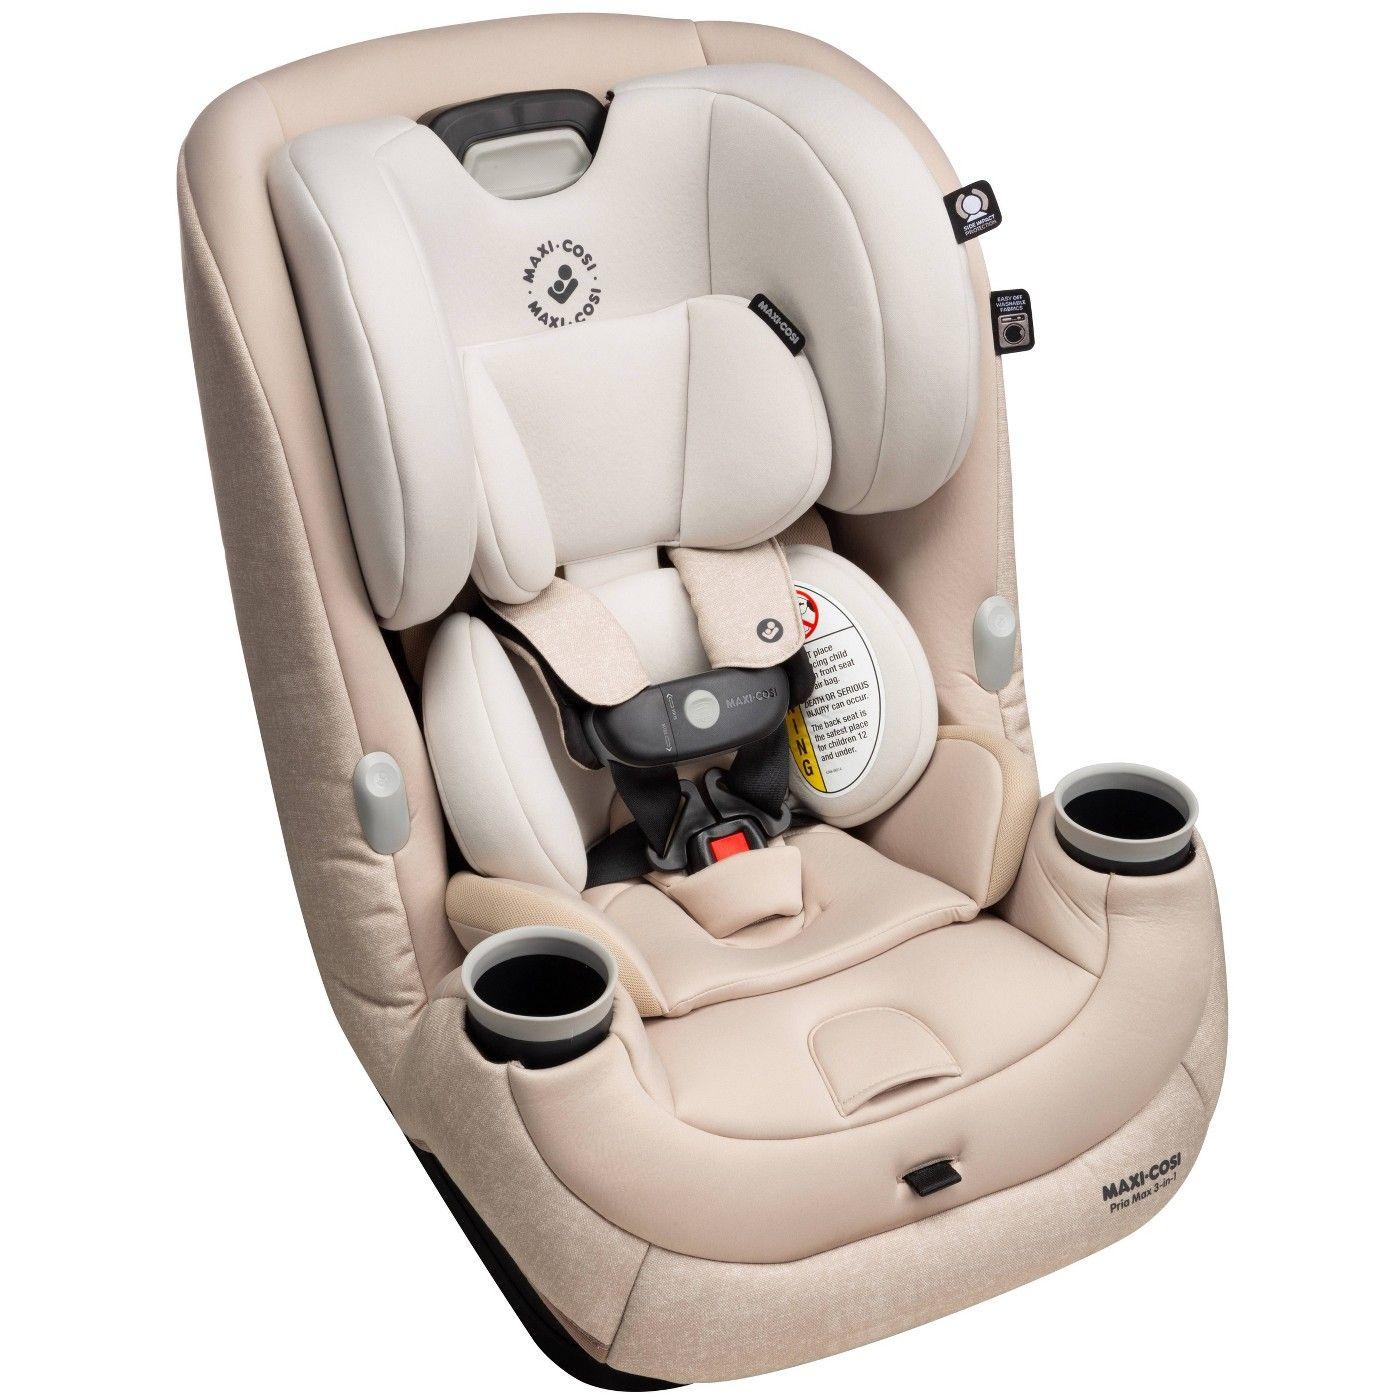 9eaa3d6c34aa20122a80edf8e7da5427 - How To Get Cover Off Maxi Cosi Car Seat